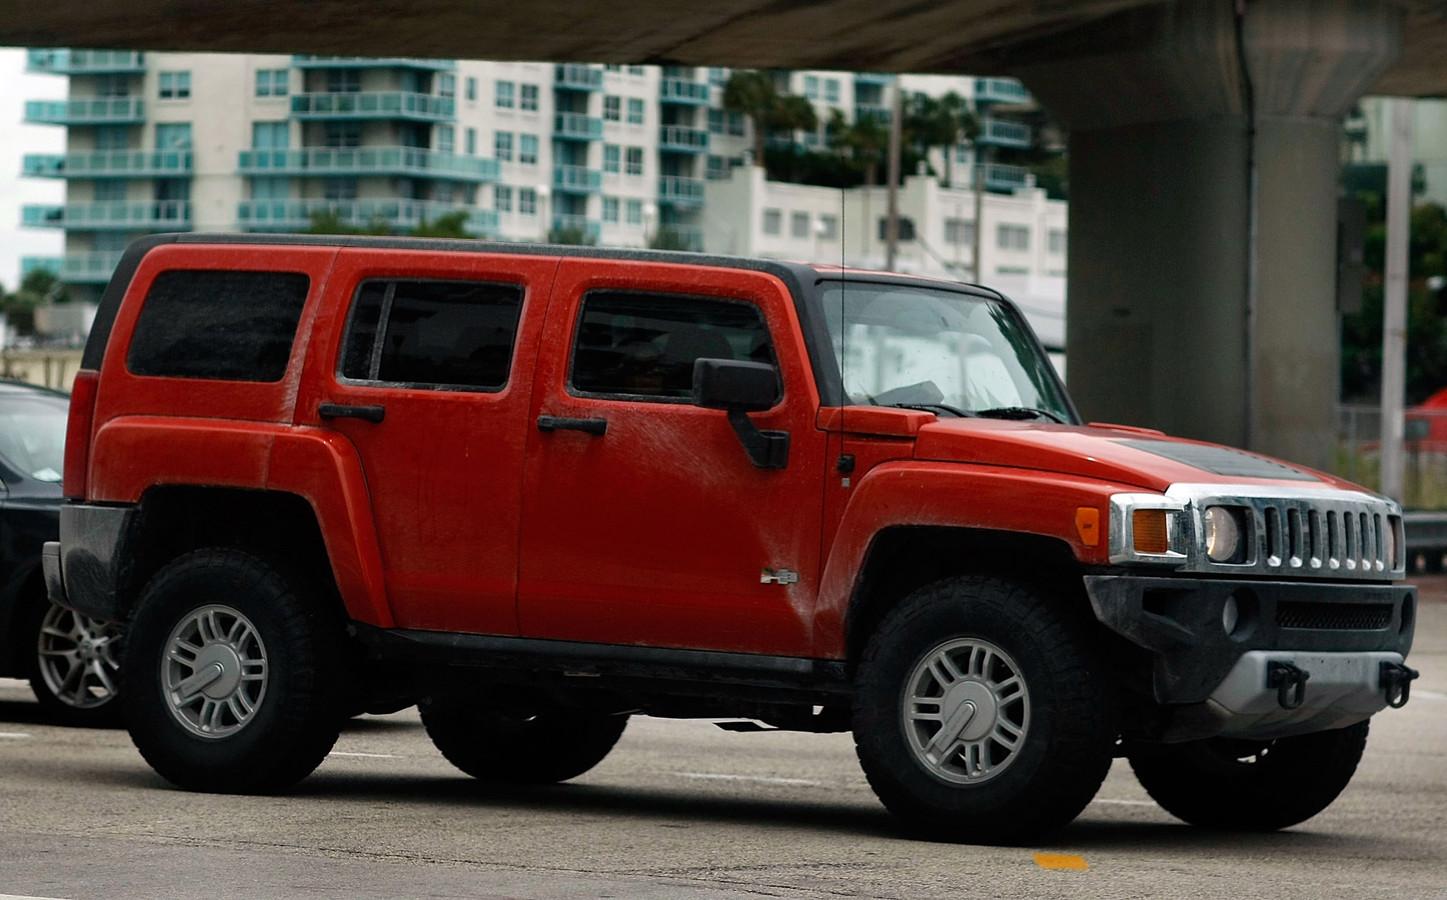 De oorspronkelijke Hummer, 2 meter hoog en 4000 kilogram zwaar, verbruikte tot meer dan 20 liter benzine per 100 kilometer.